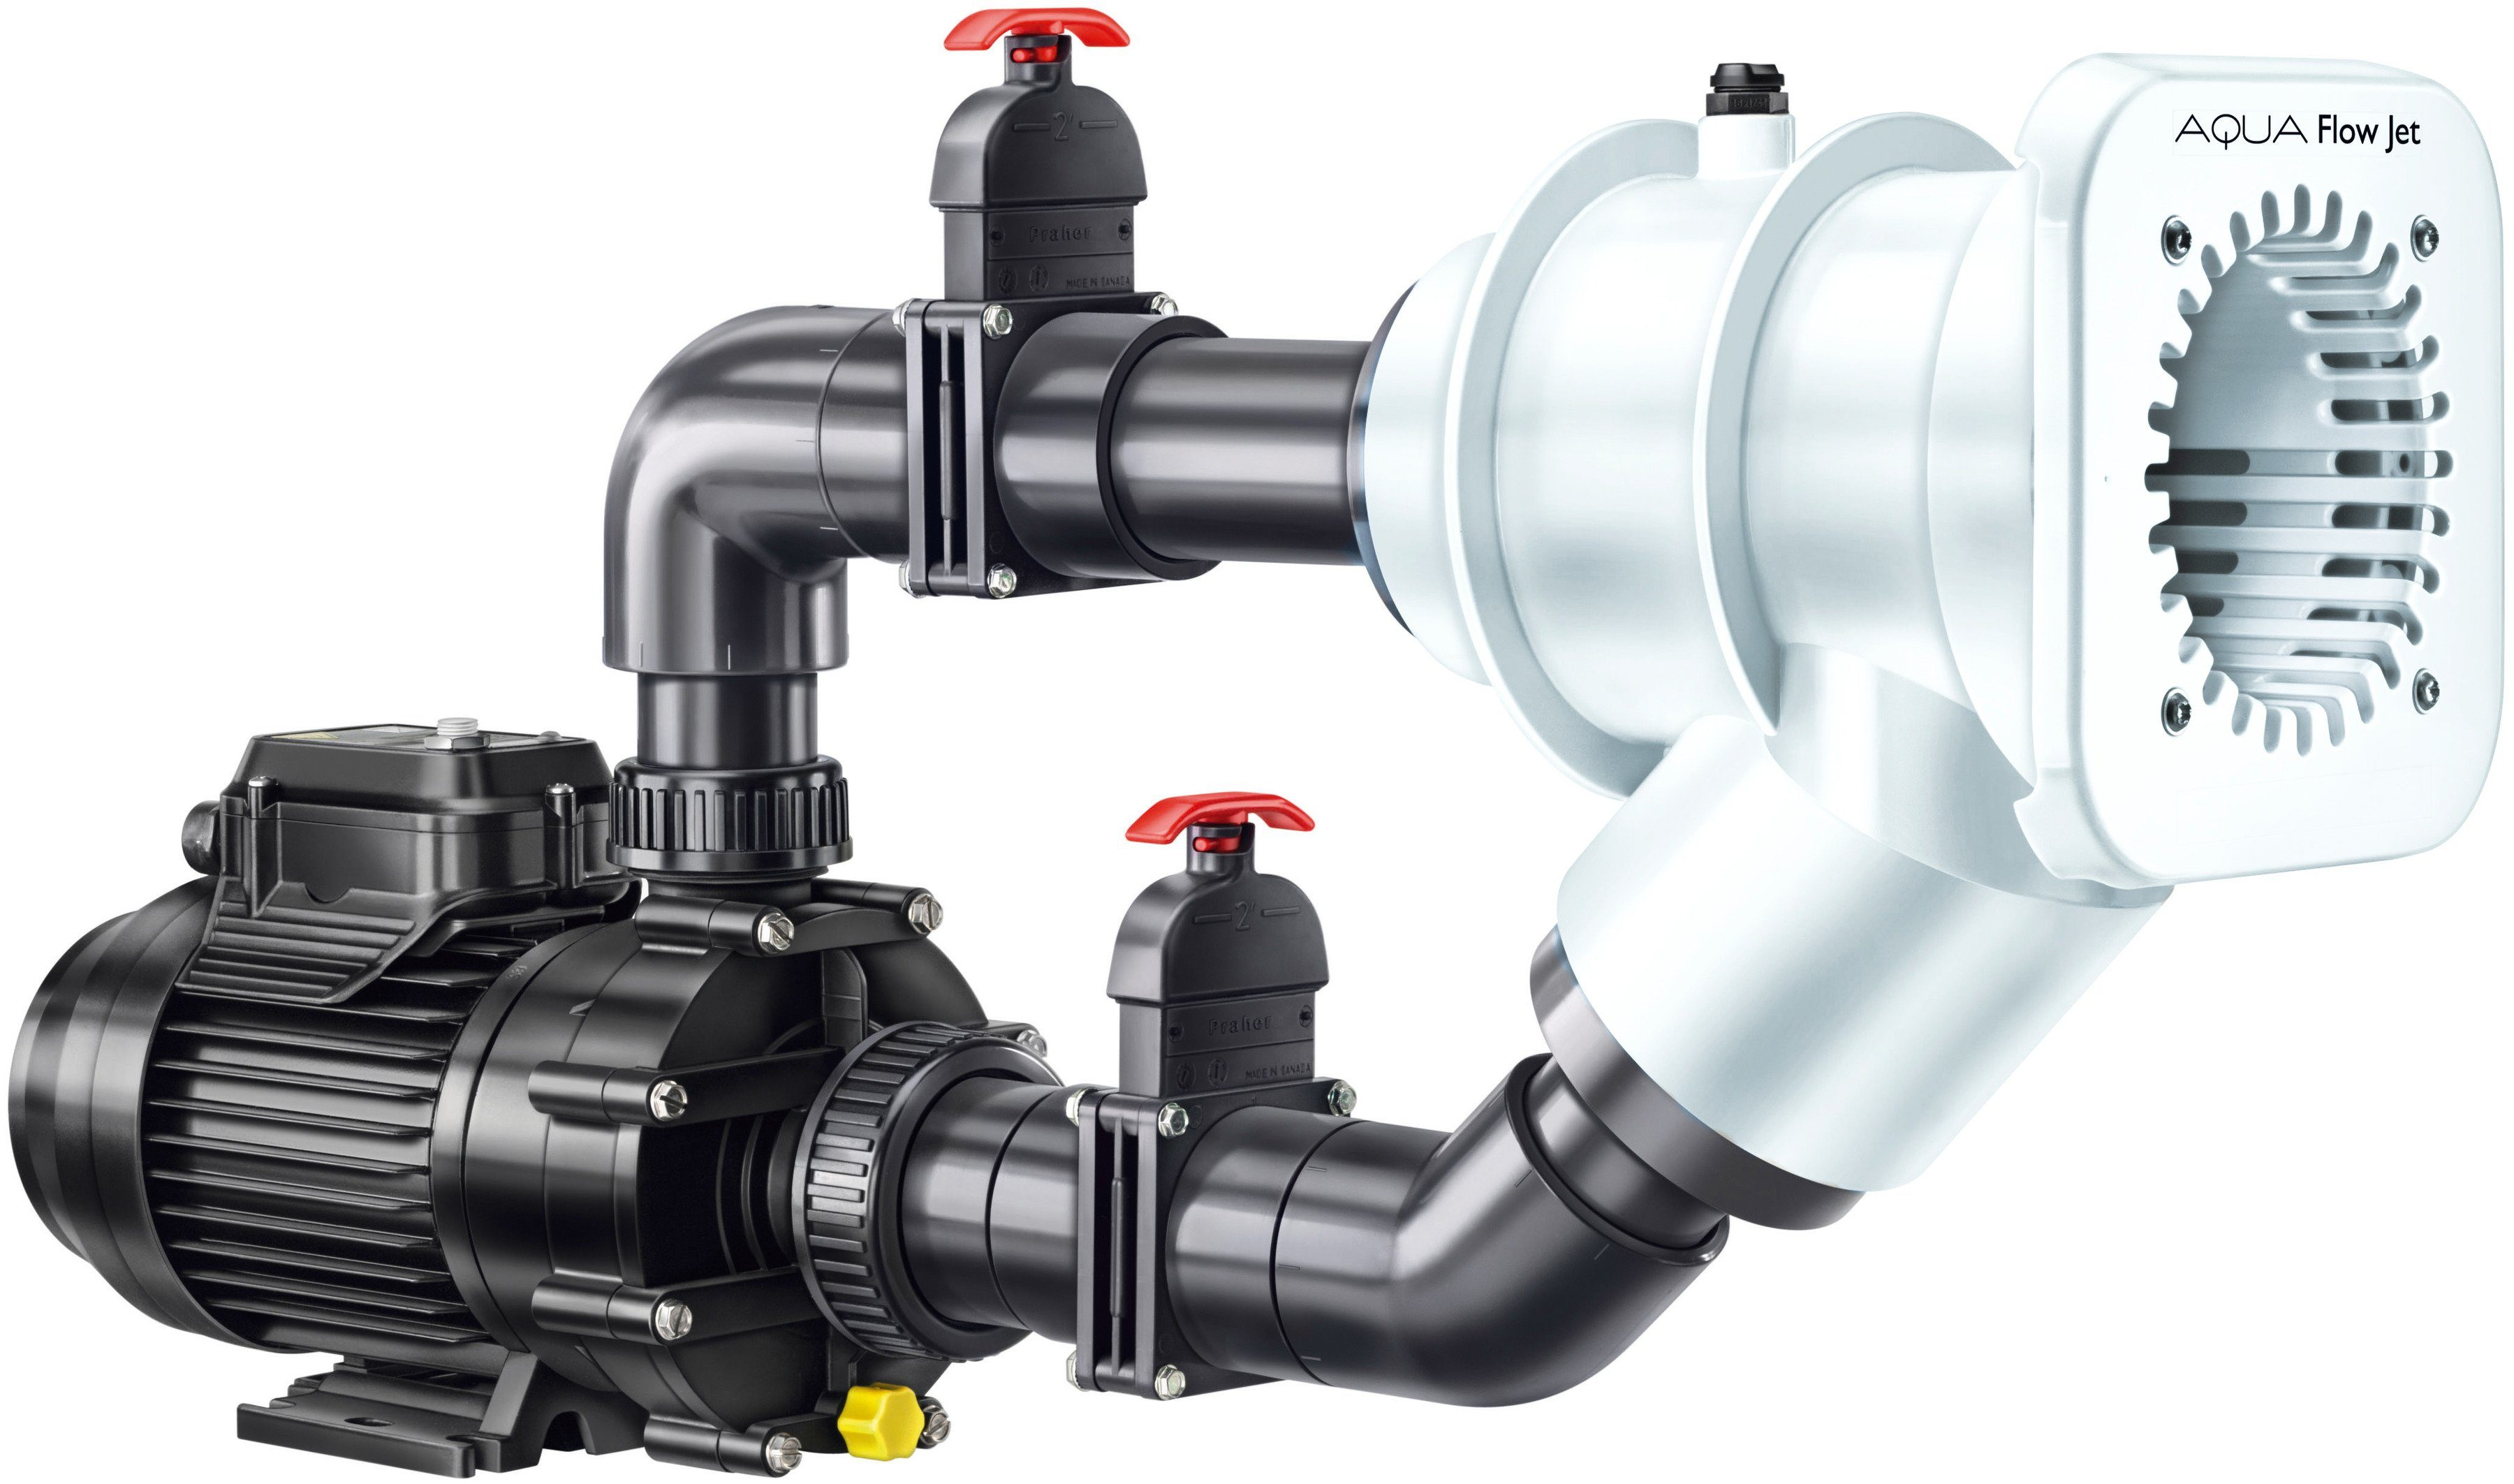 Gegenstromanlage »Einbau-Gegenstromanlage Flow-Jet«